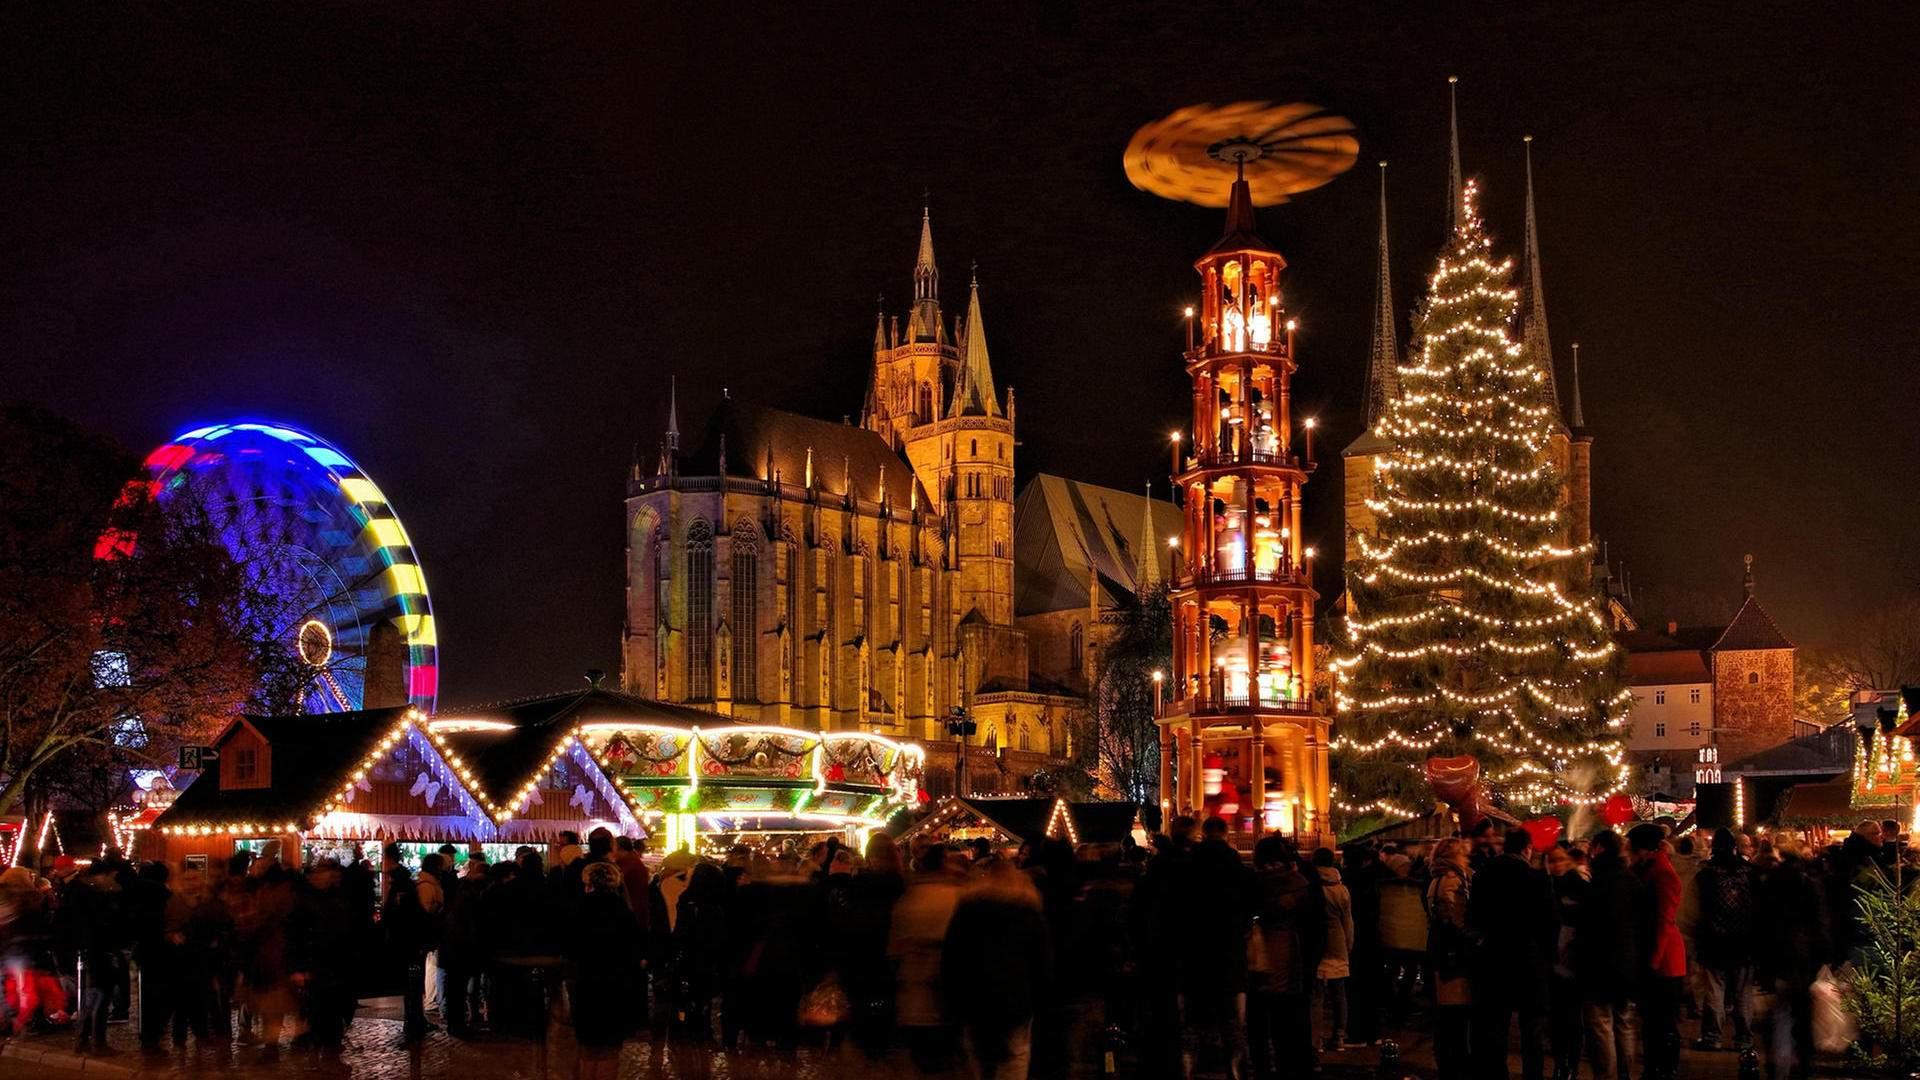 weihnachtsmarkt in erfurt ein besonderes highlight sind handgeschnitzten und fast lebensgrossen krippenfiguren